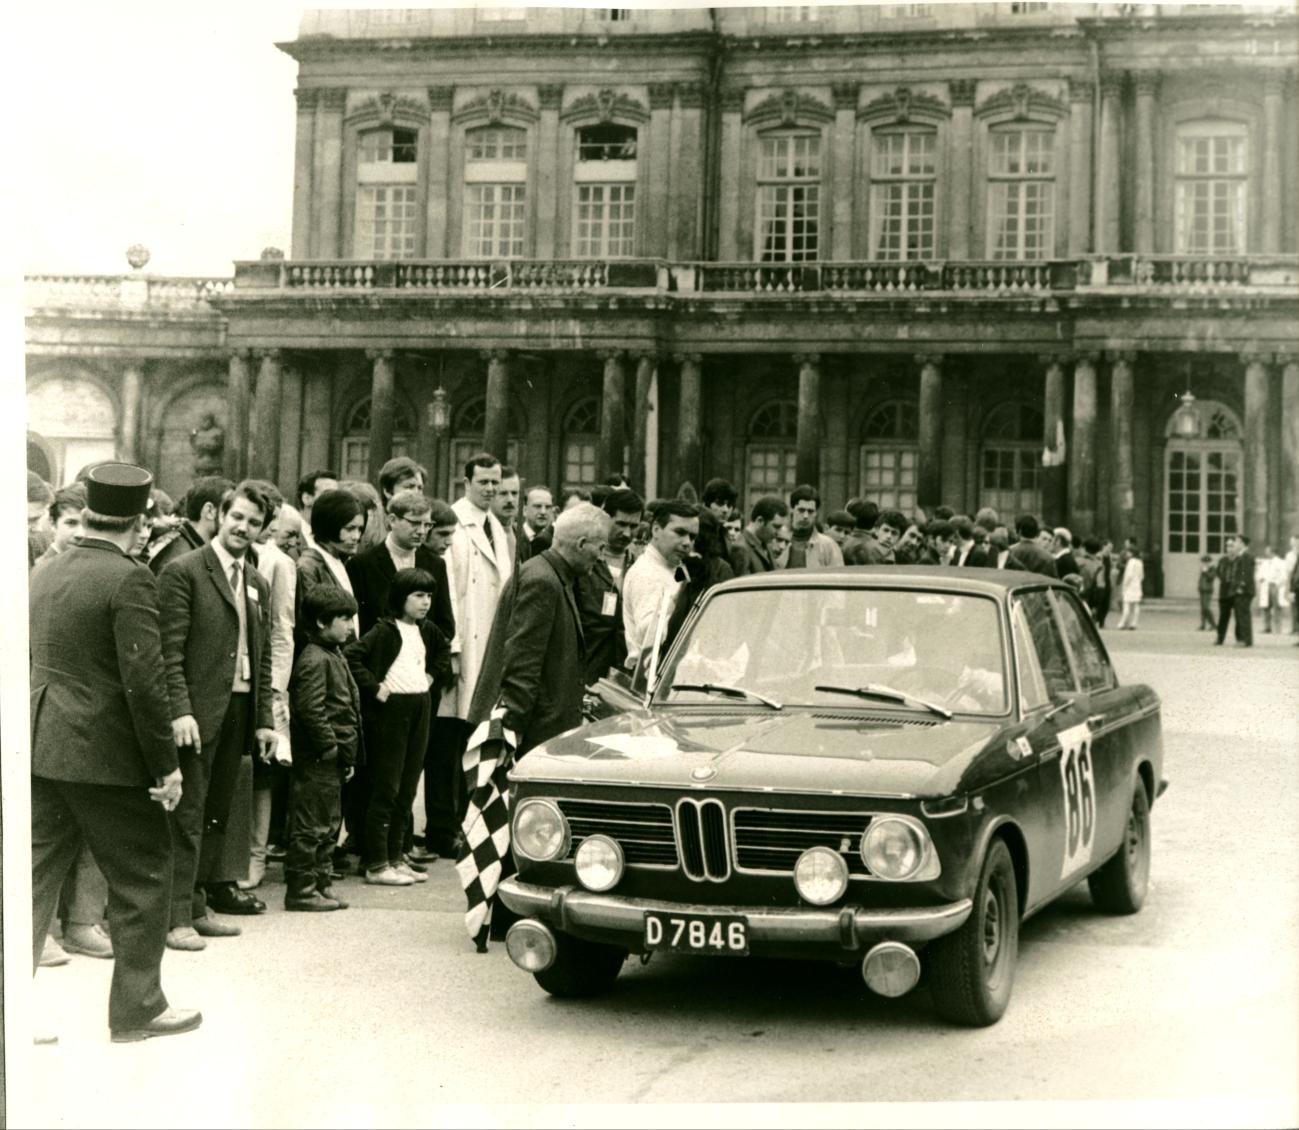 1968 Départ Rallye de Lorraine Liège  Jans-Engel